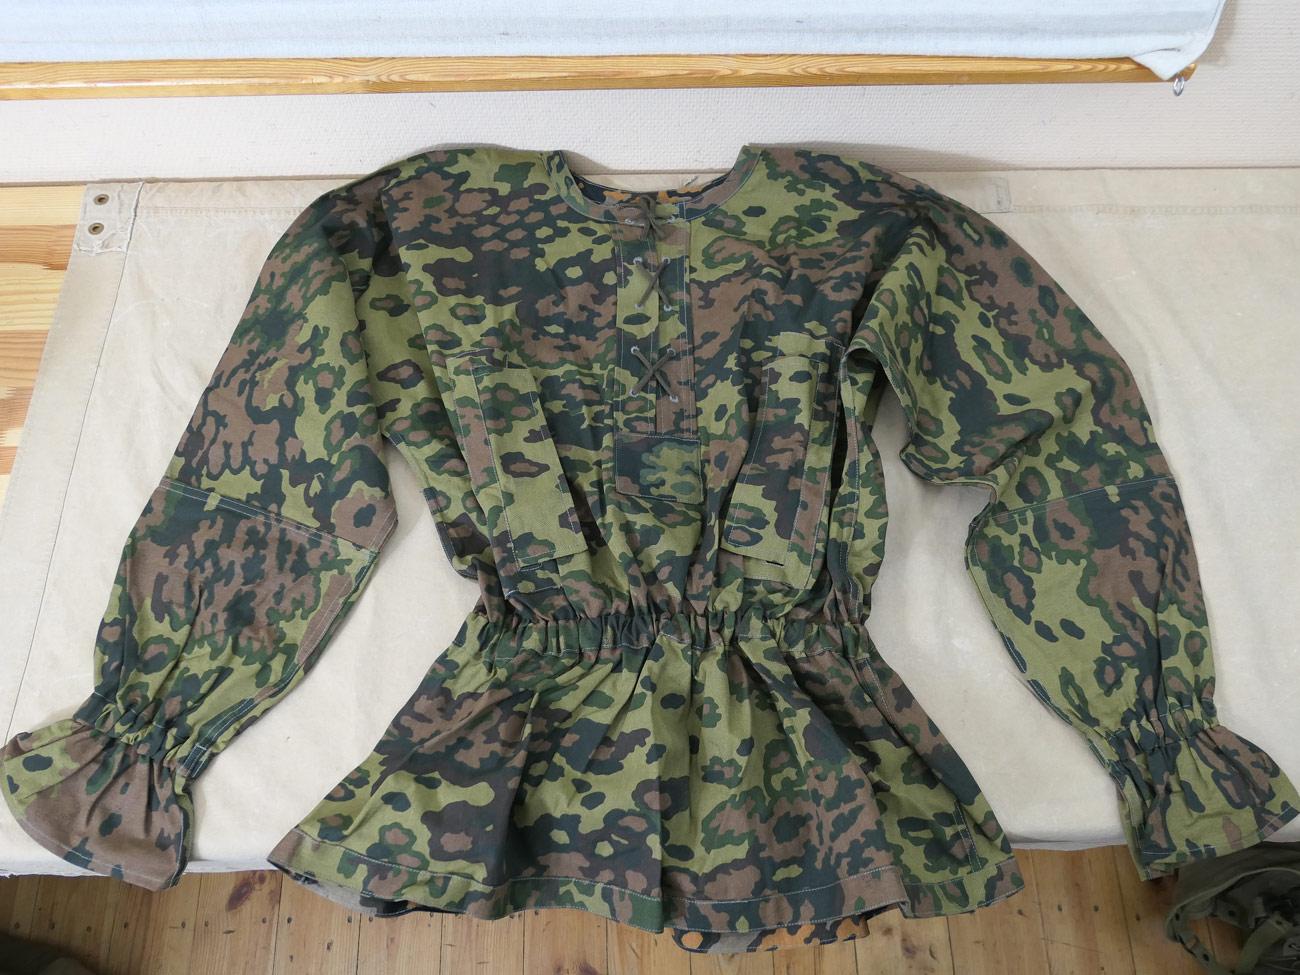 size XL Sammeln & Seltenes Uniformen & Effekten WSS M40 TYPE I Schlupfjacke Eichenlaub oak A CAMOUFLAGE SMOCK